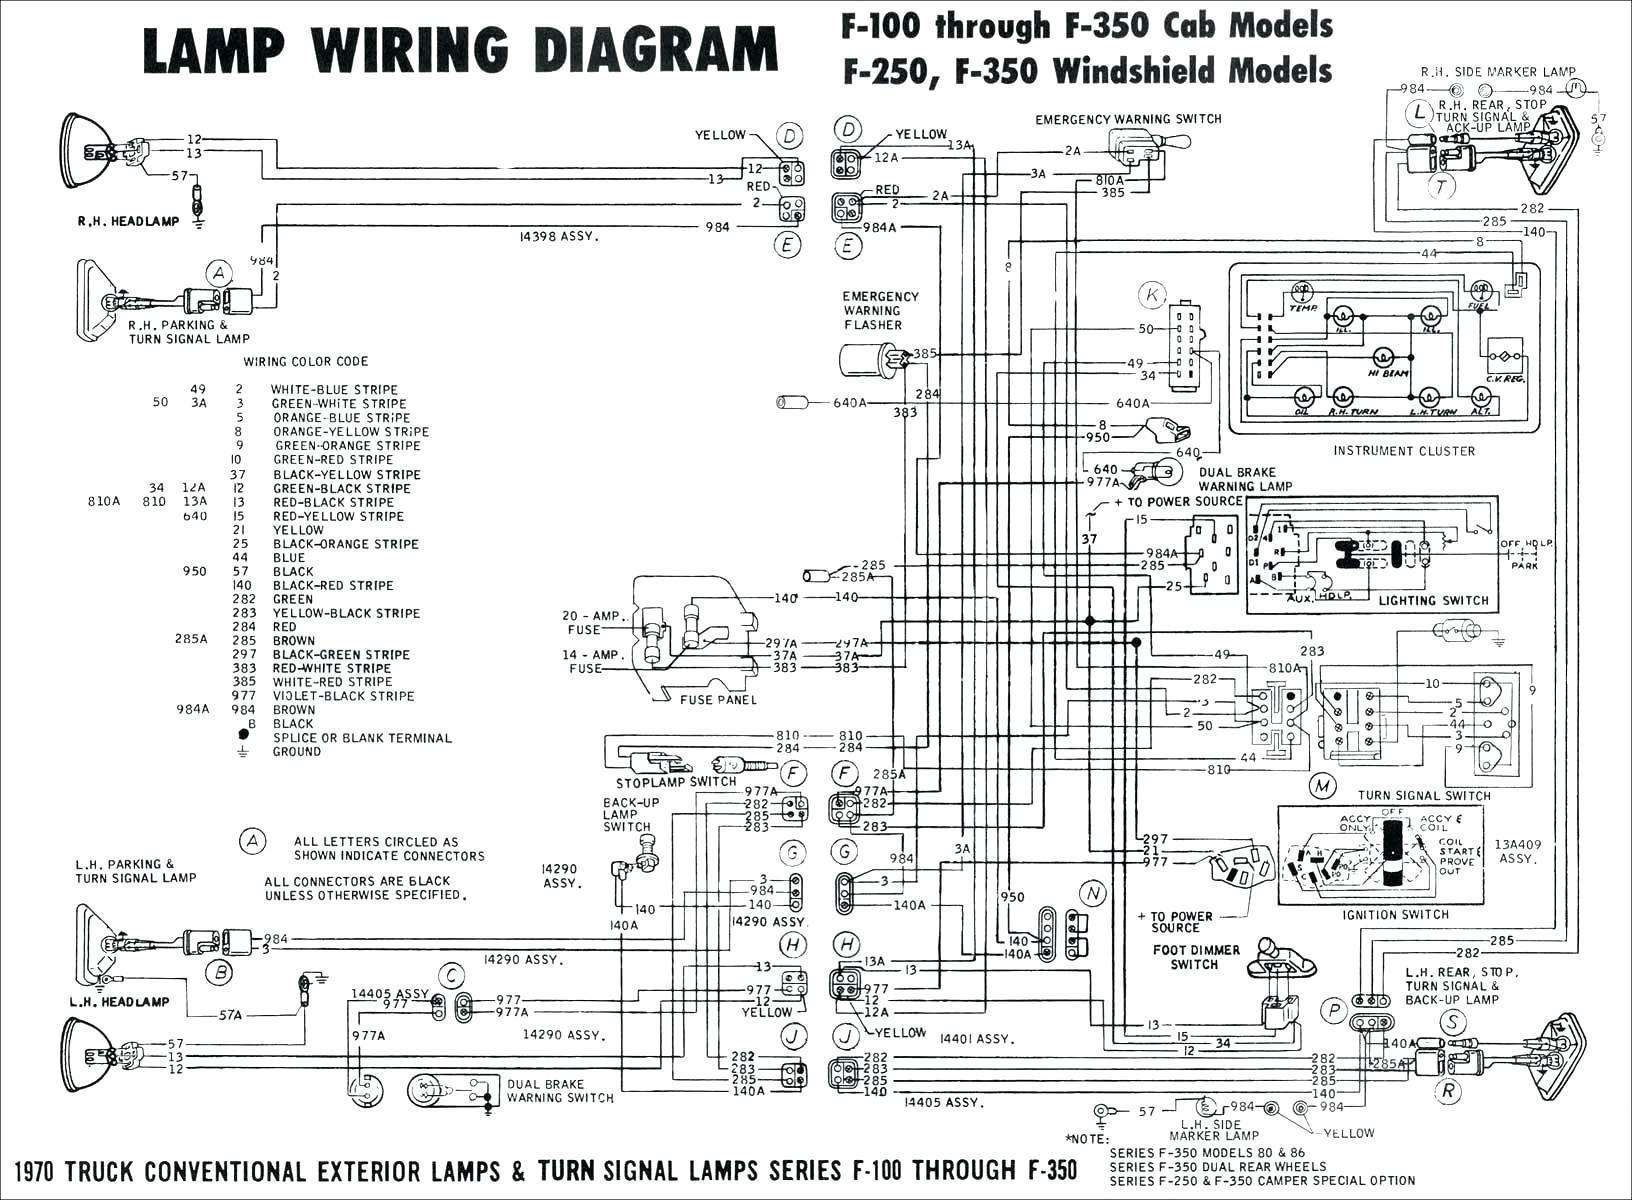 1998 Honda Civic Lx Engine Diagram 1997 Accord Fuse Diagram Layout Wiring Diagrams • Of 1998 Honda Civic Lx Engine Diagram